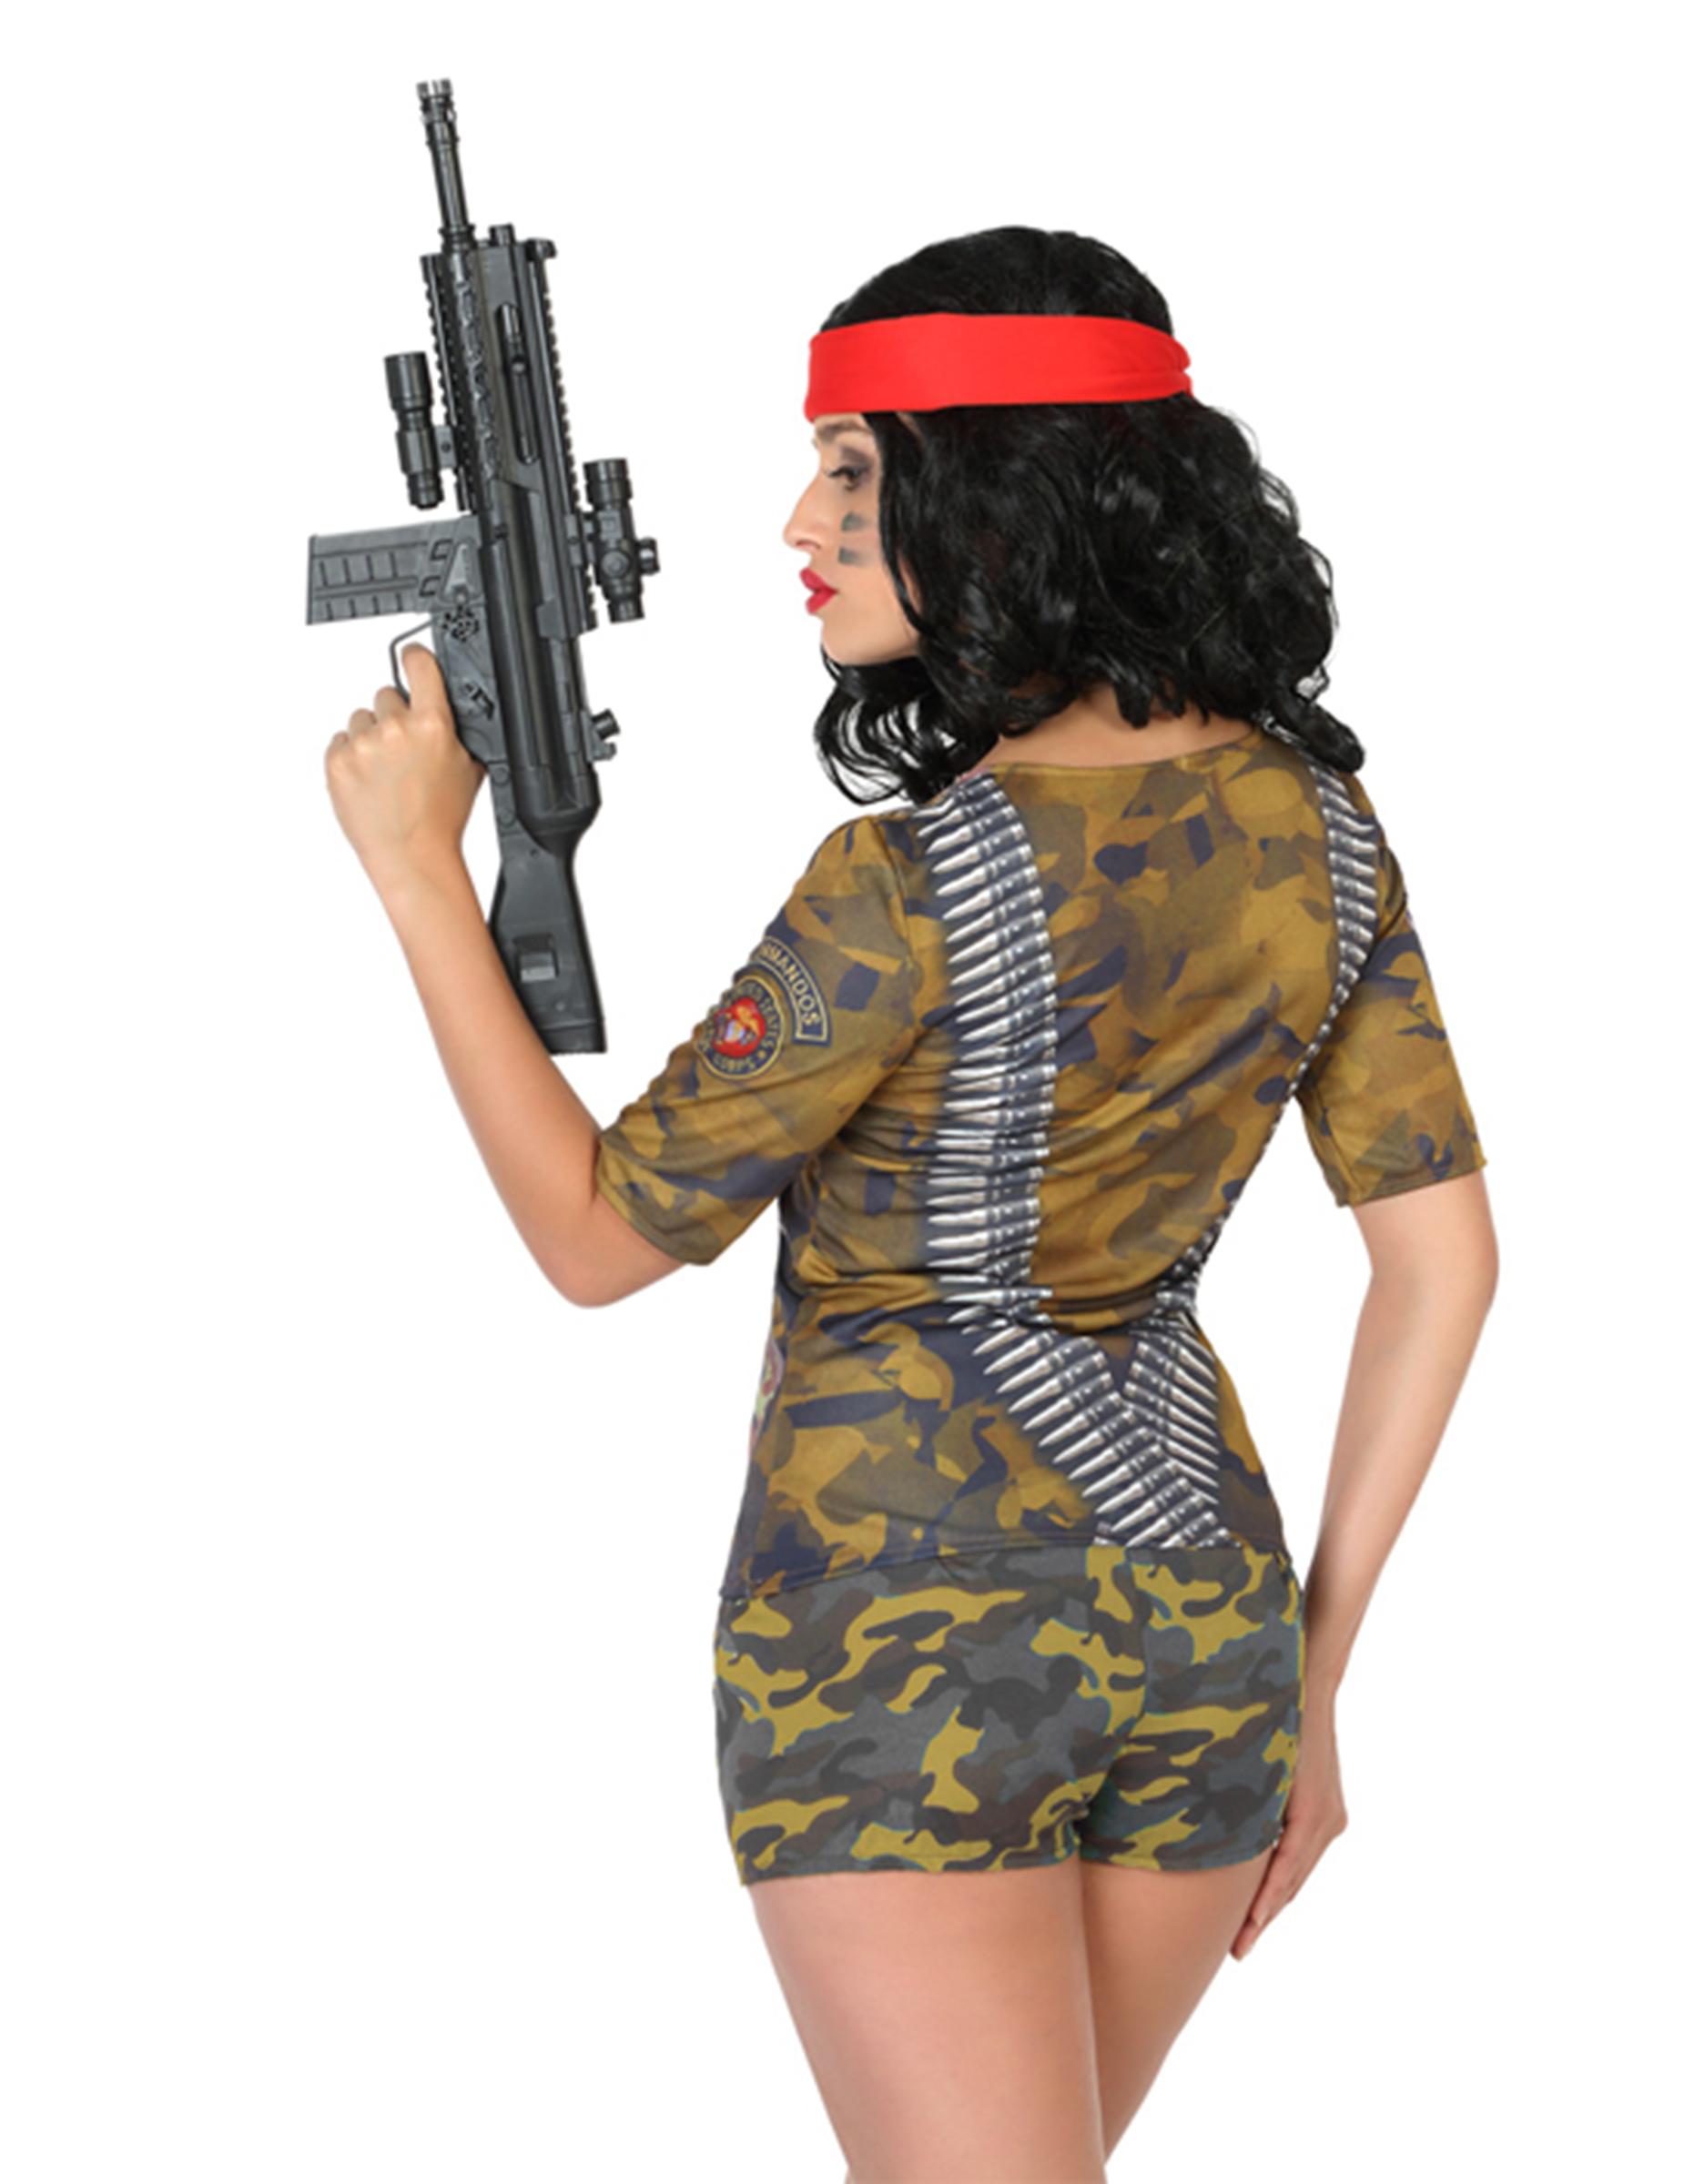 soldaten t shirt f r damen kost me f r erwachsene und. Black Bedroom Furniture Sets. Home Design Ideas